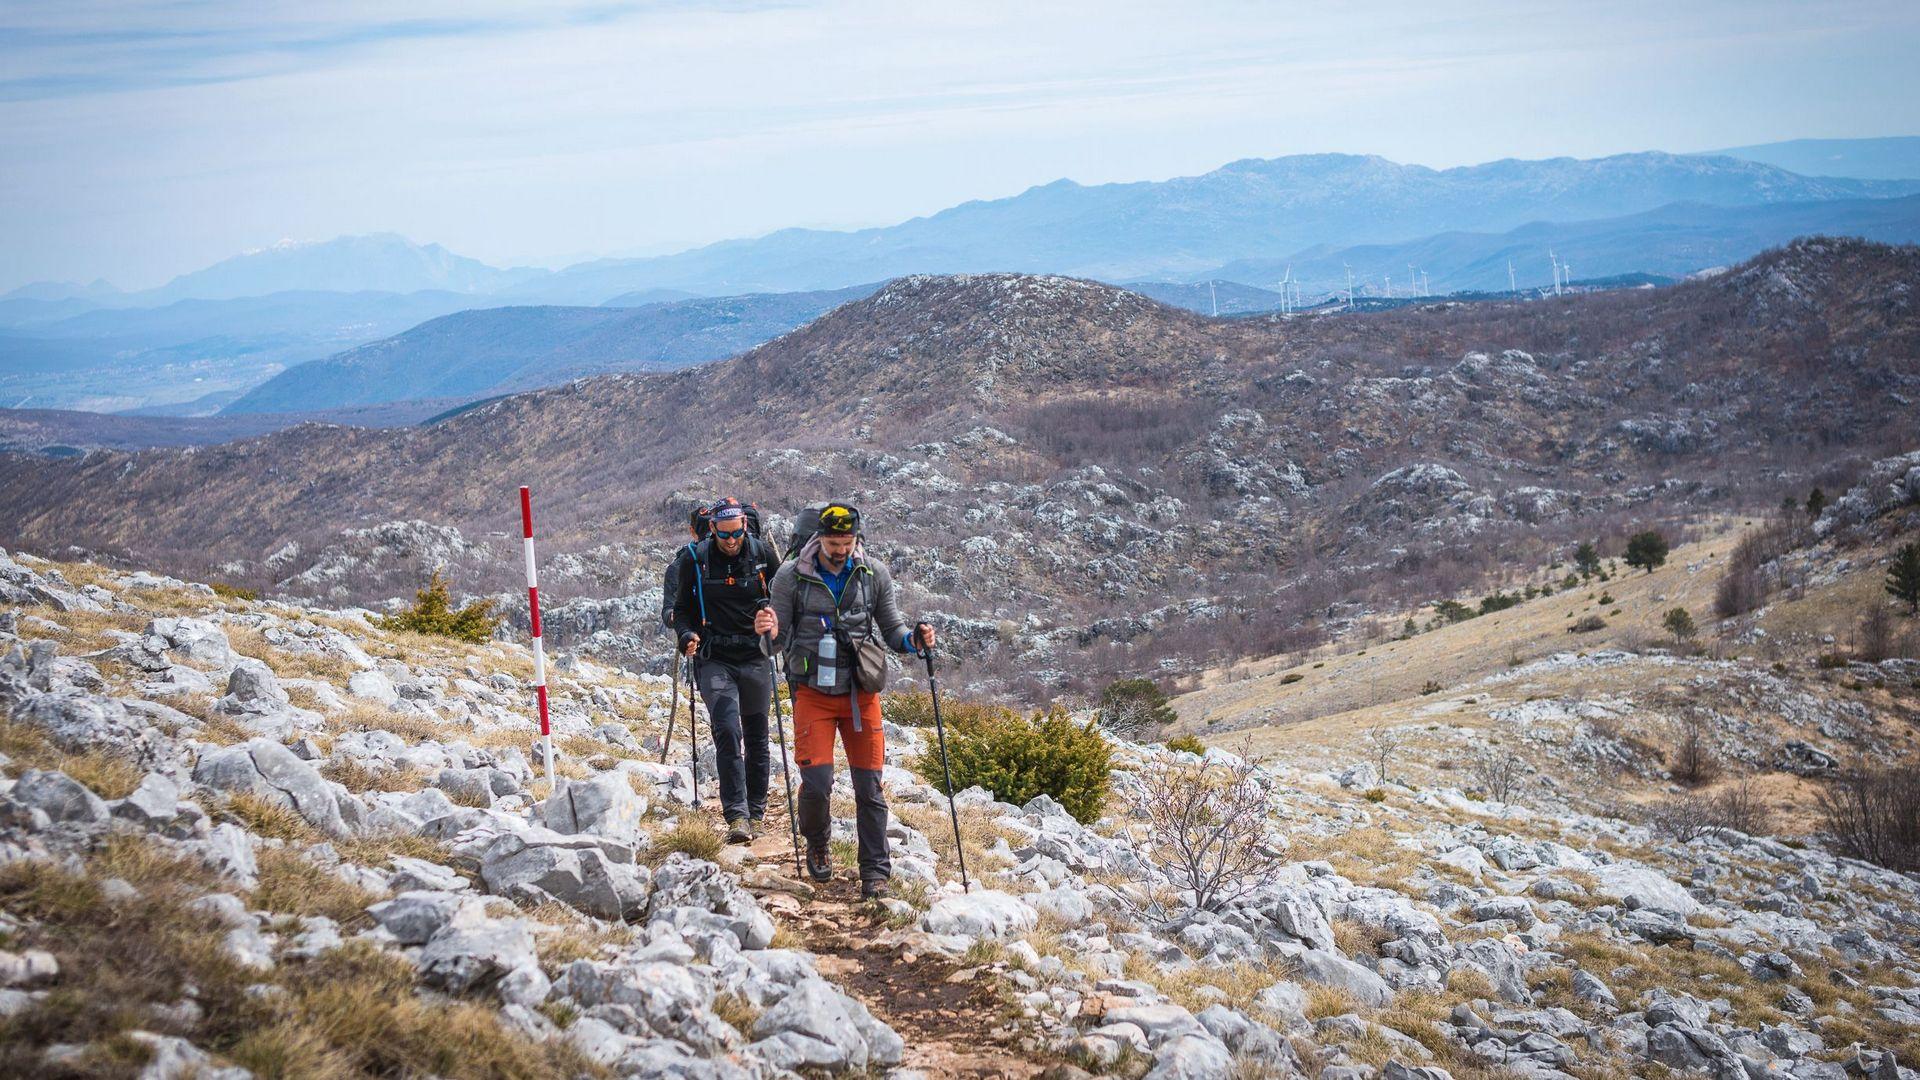 Planinarski duo ostvario 1100 kilometara dugu humanitarnu akciju | Brački pupoljci